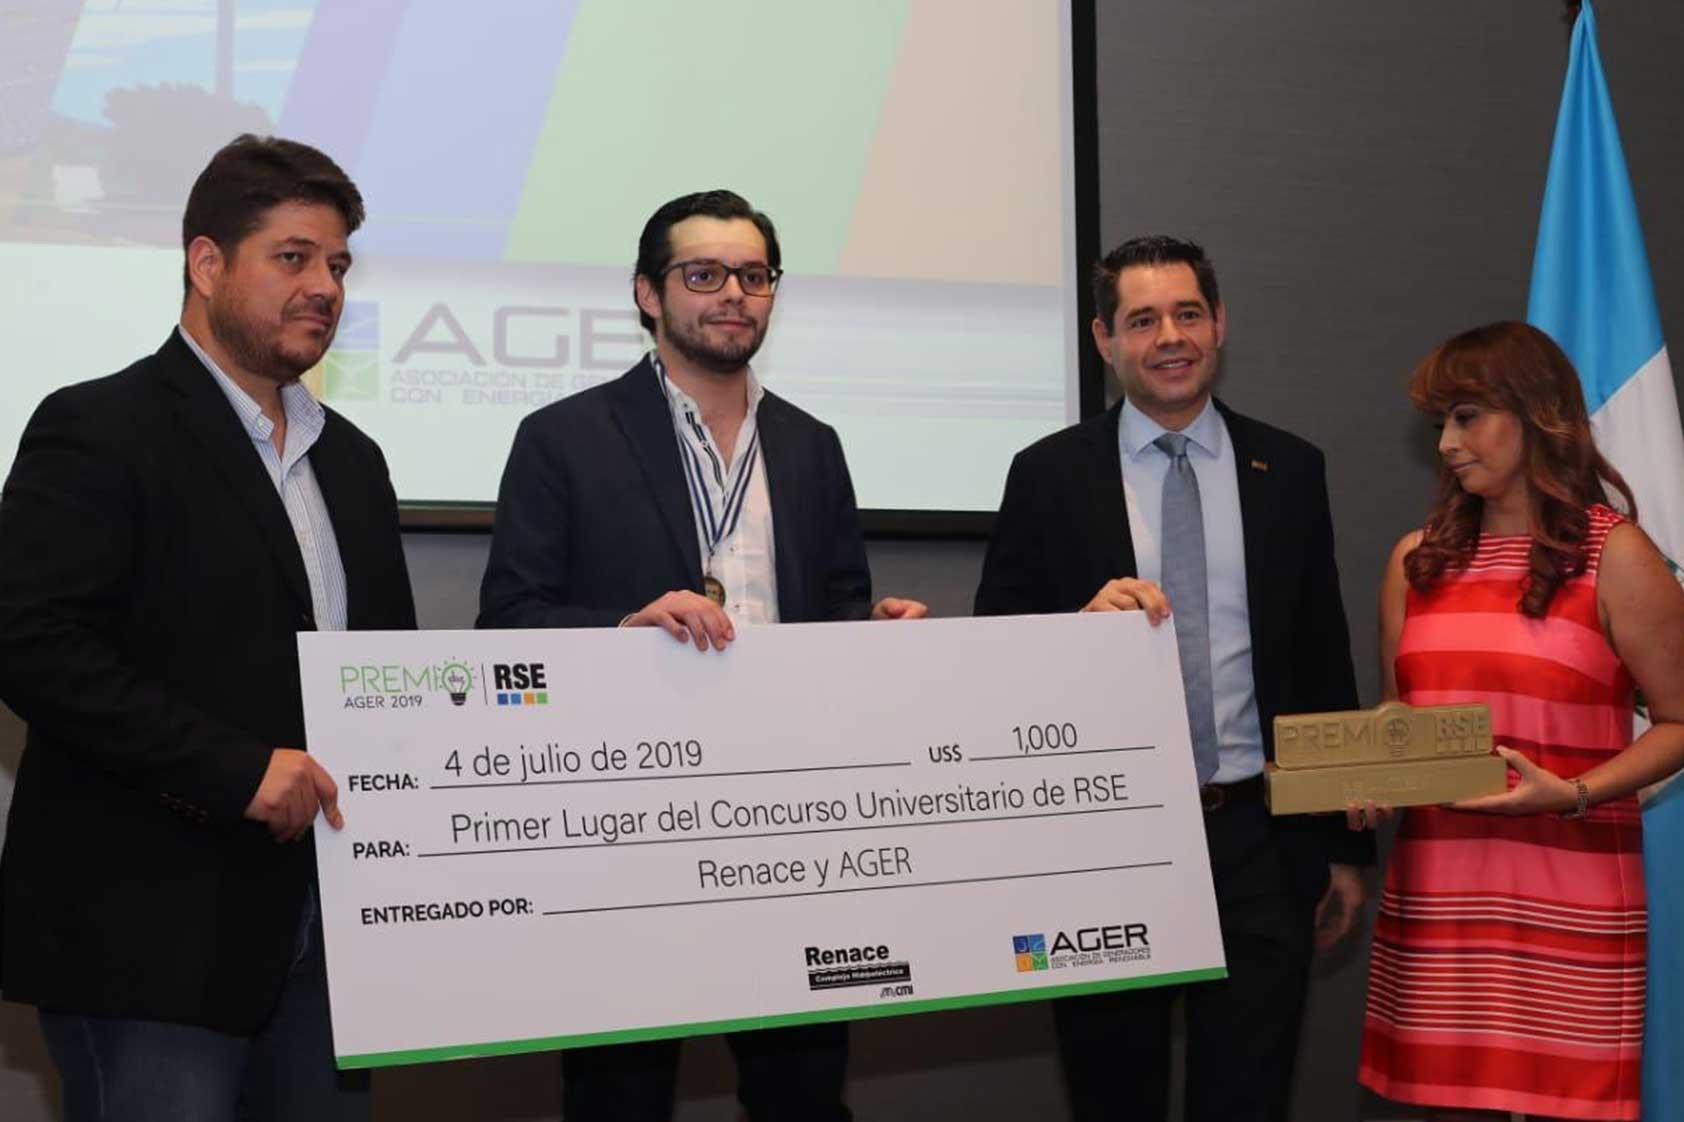 Estudiante de la UVG obtiene el primer lugar en su proyecto de innovación para generación de energía renovable.